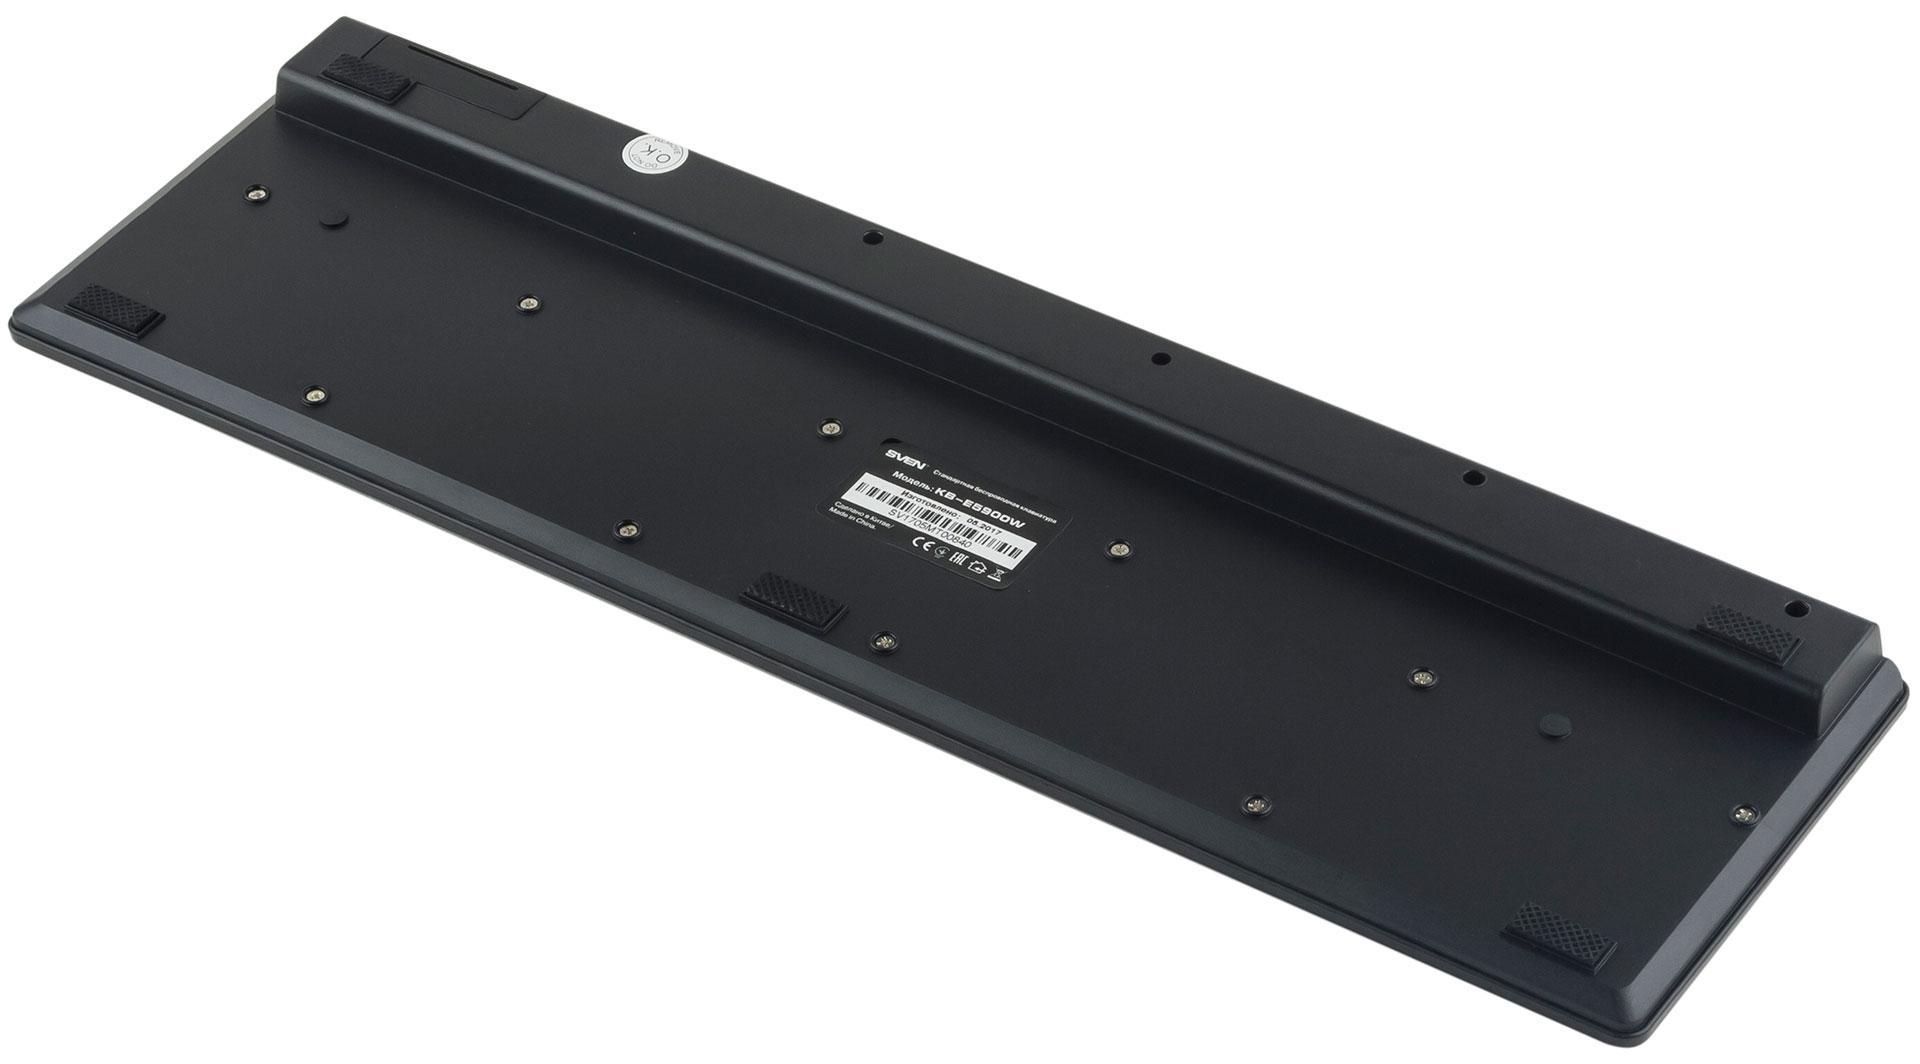 Кабели не нужны: обзор беспроводной клавиатуры SVEN KB-E5900W